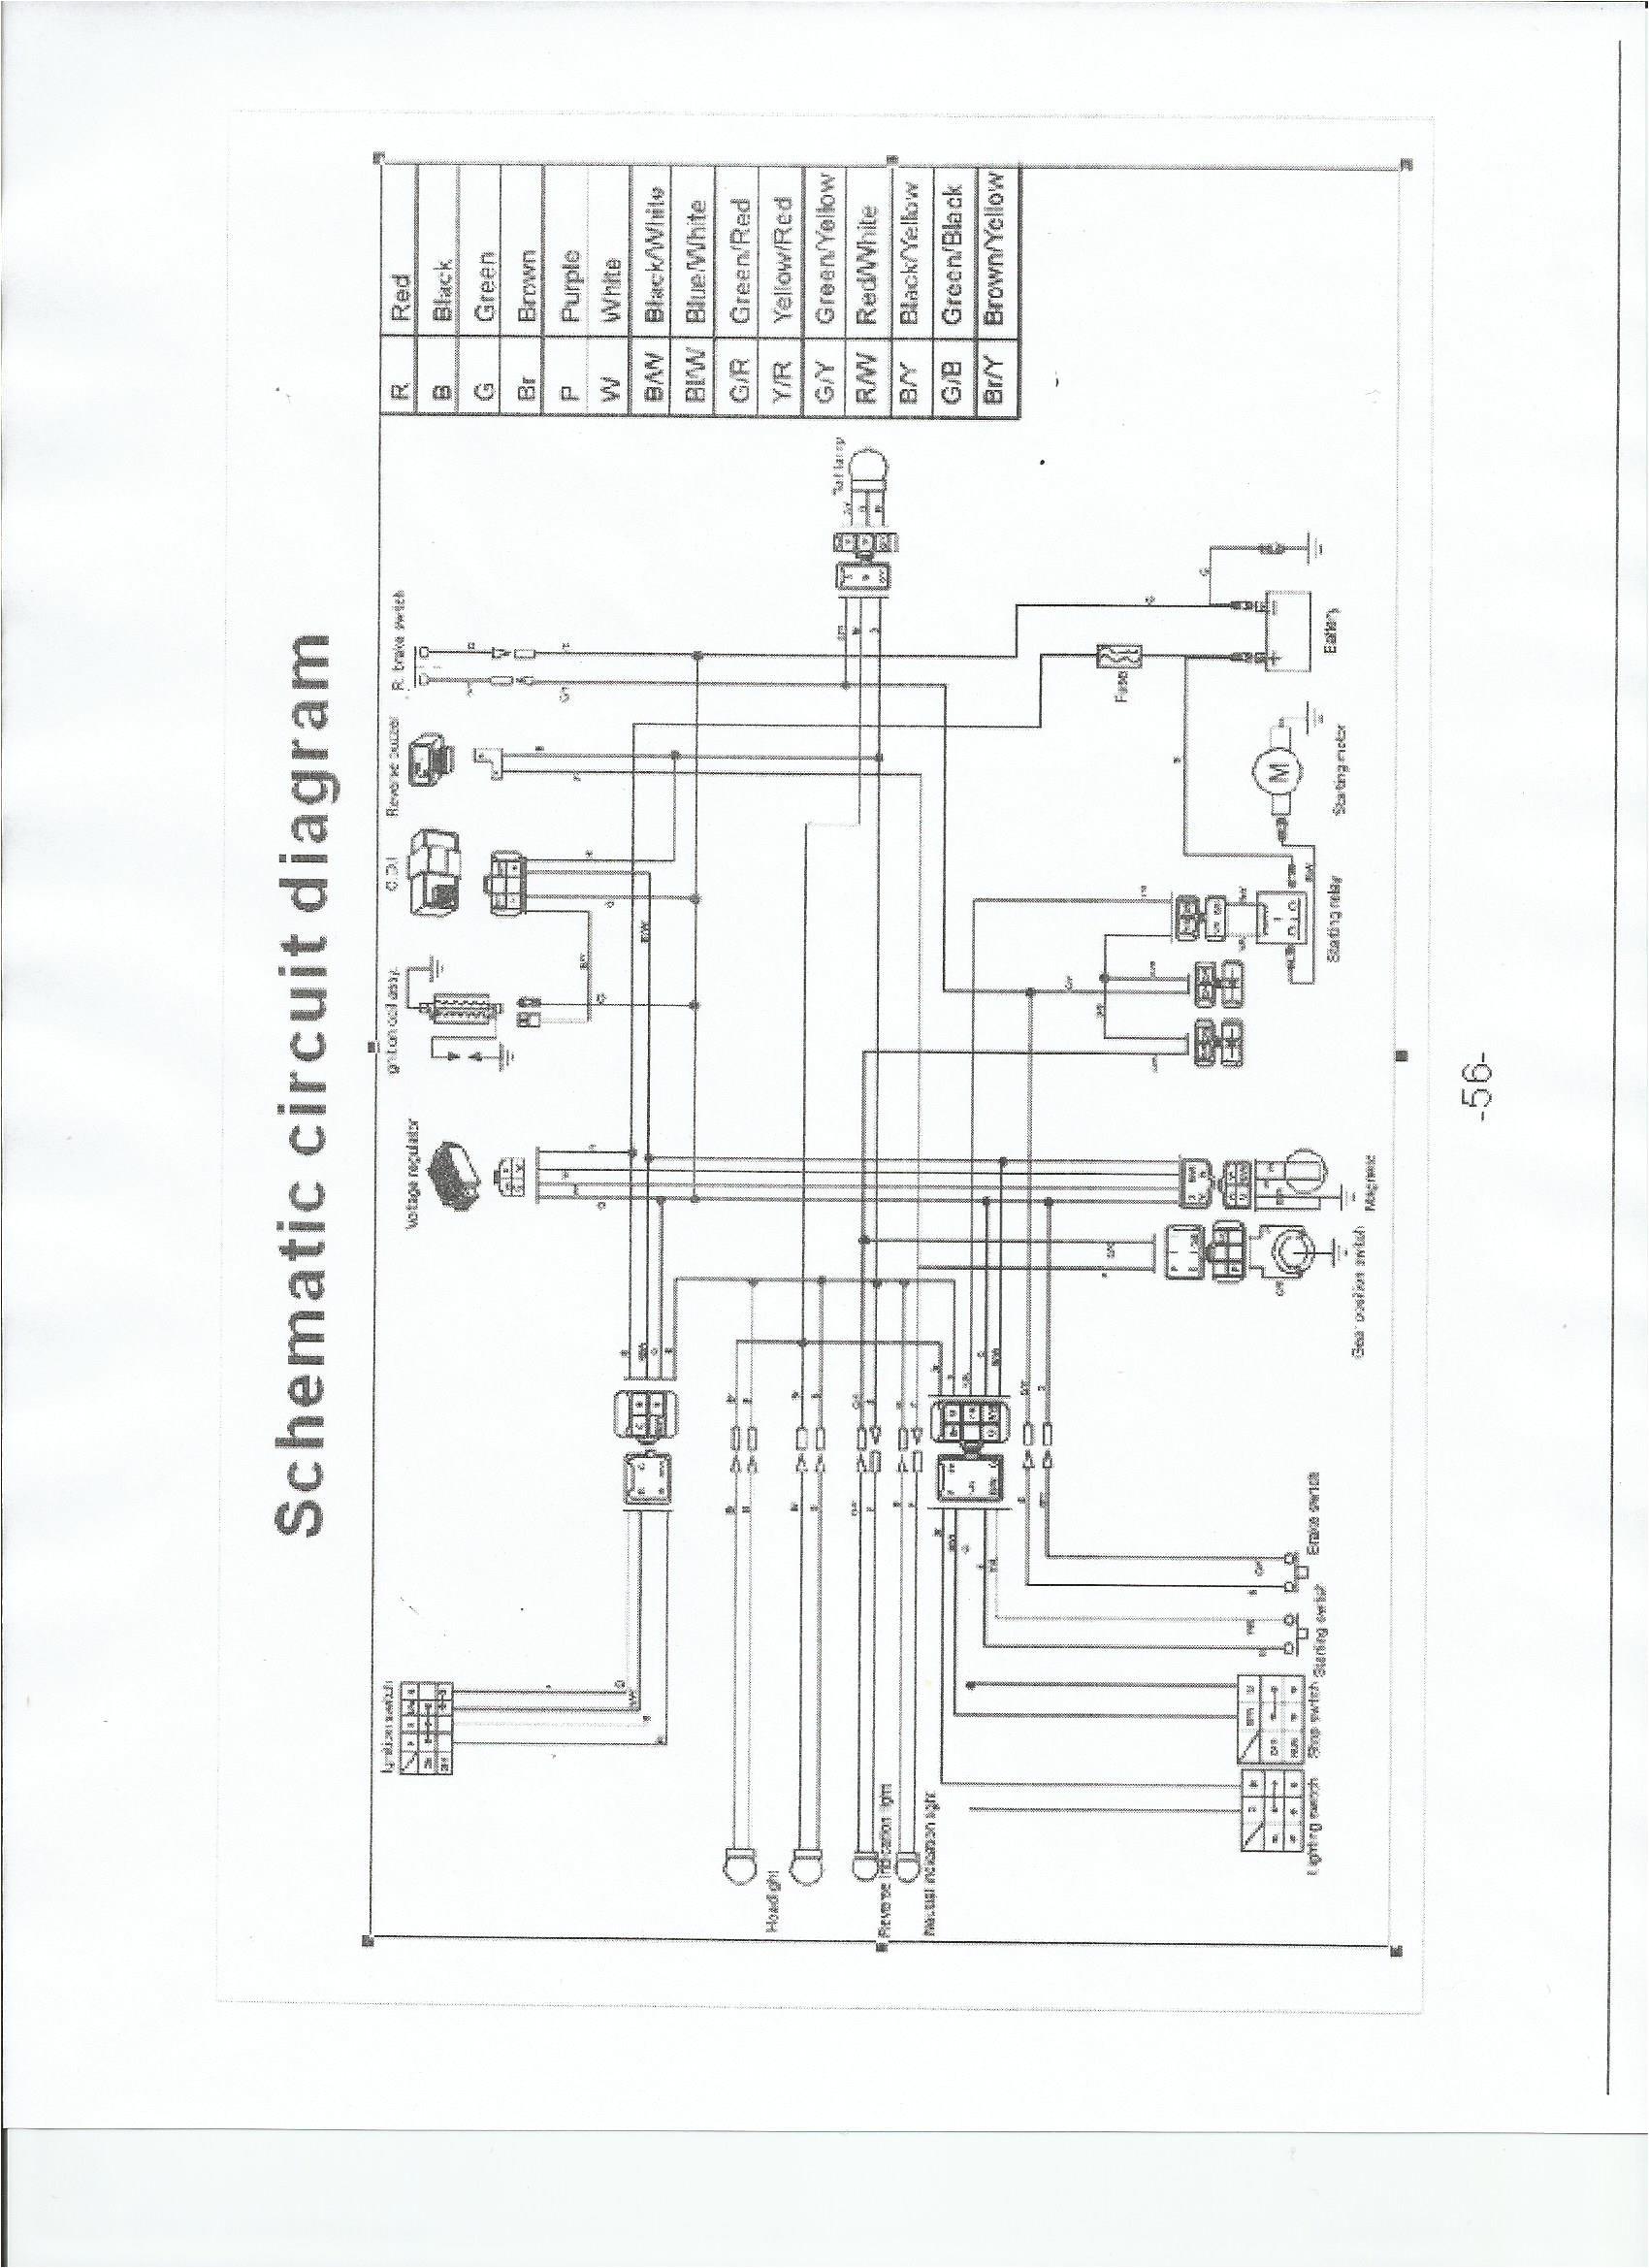 qiye 110cc chopper wiring diagram wiring diagram centre 110 mini chopper wiring diagram